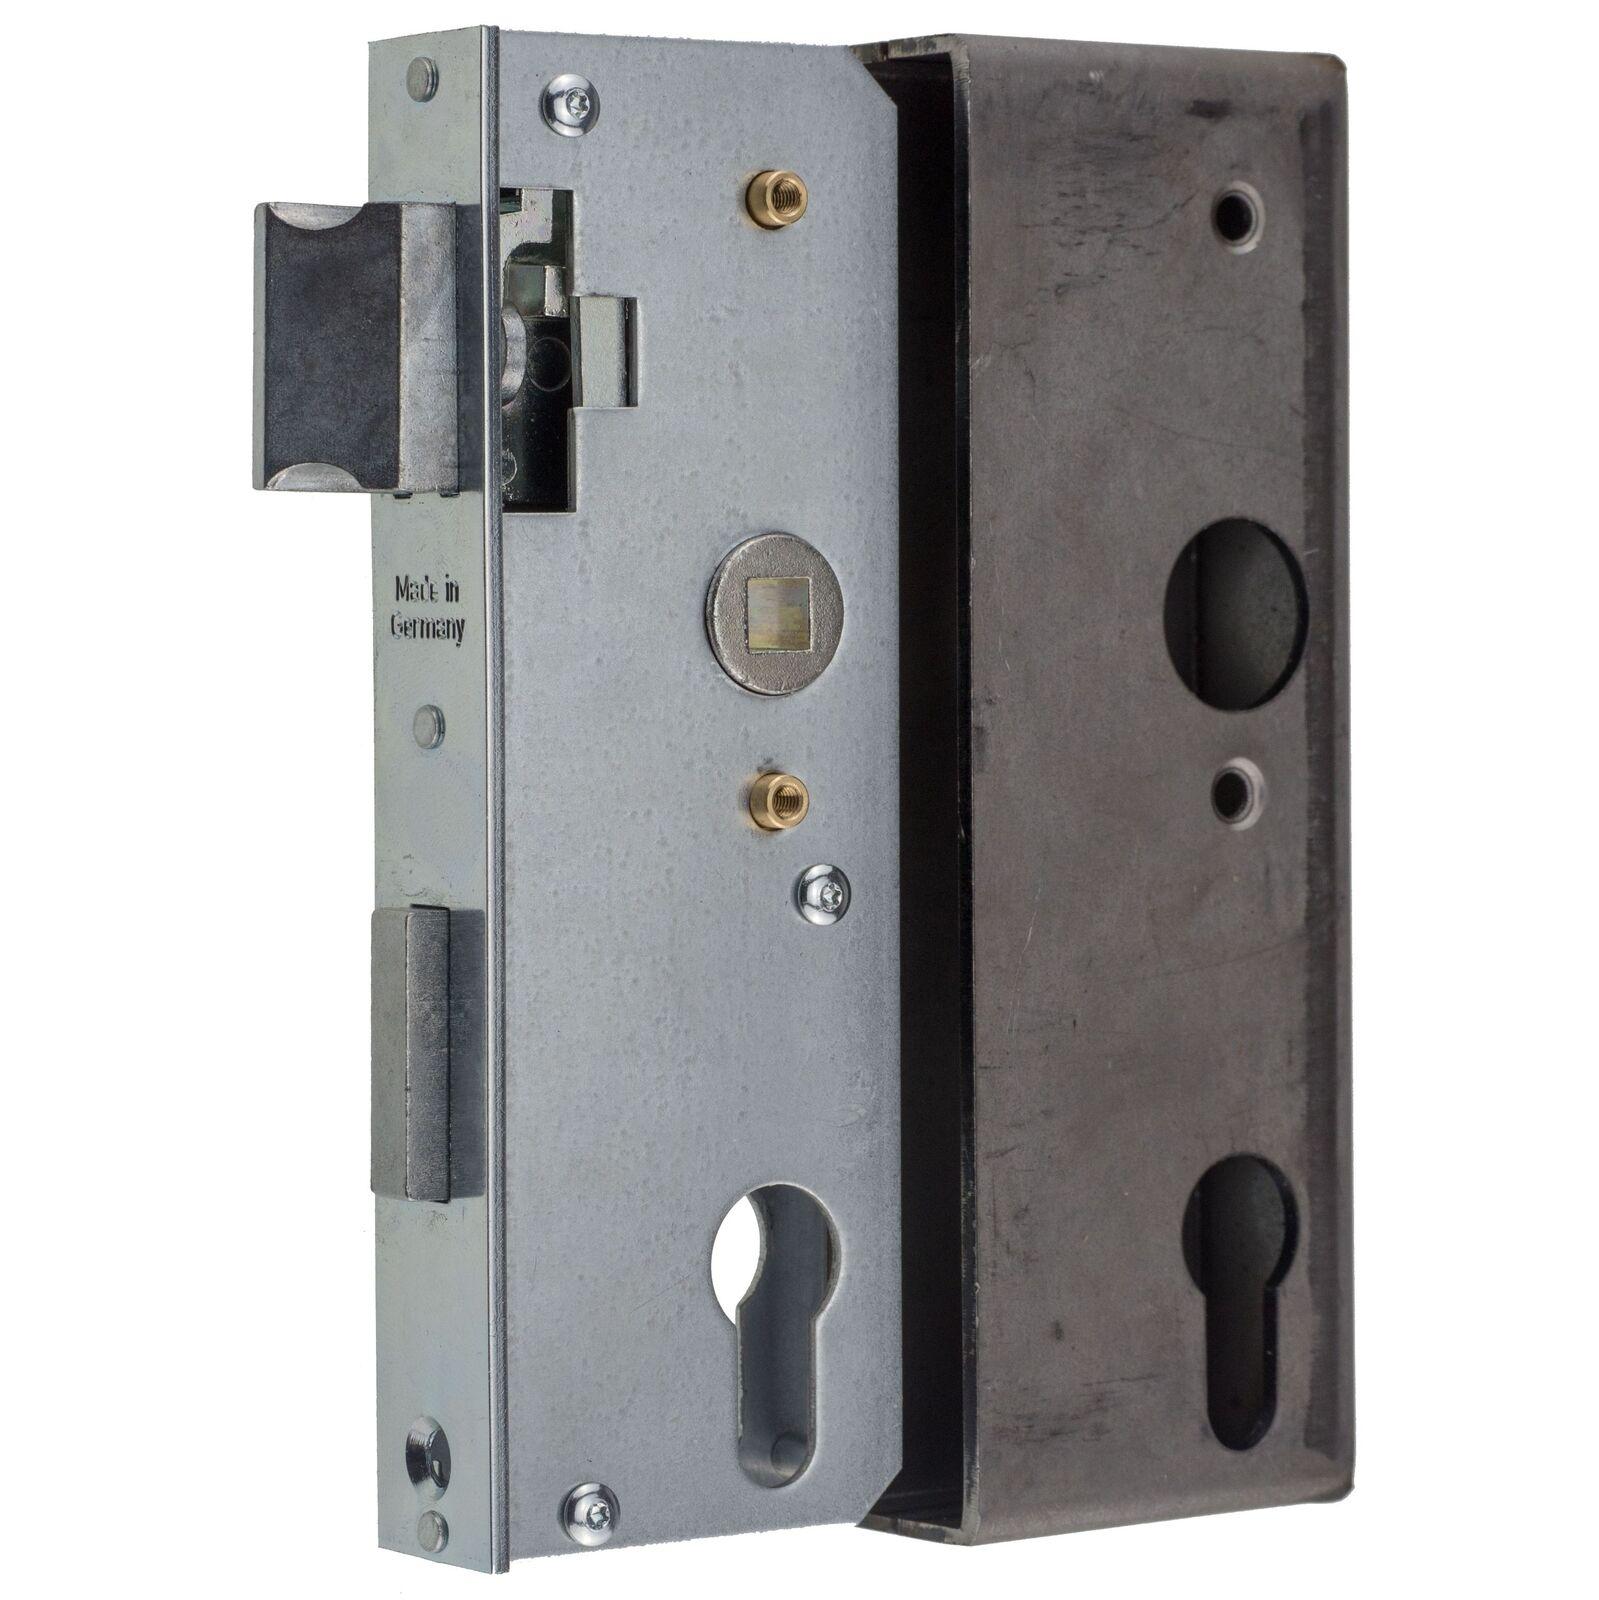 Metalltorschloss mit Einschweisskasten für 30 mm Rohr Dornmaß 40  | Kunde zuerst  | Erste Gruppe von Kunden  | Verschiedene Stile  | Günstigen Preis